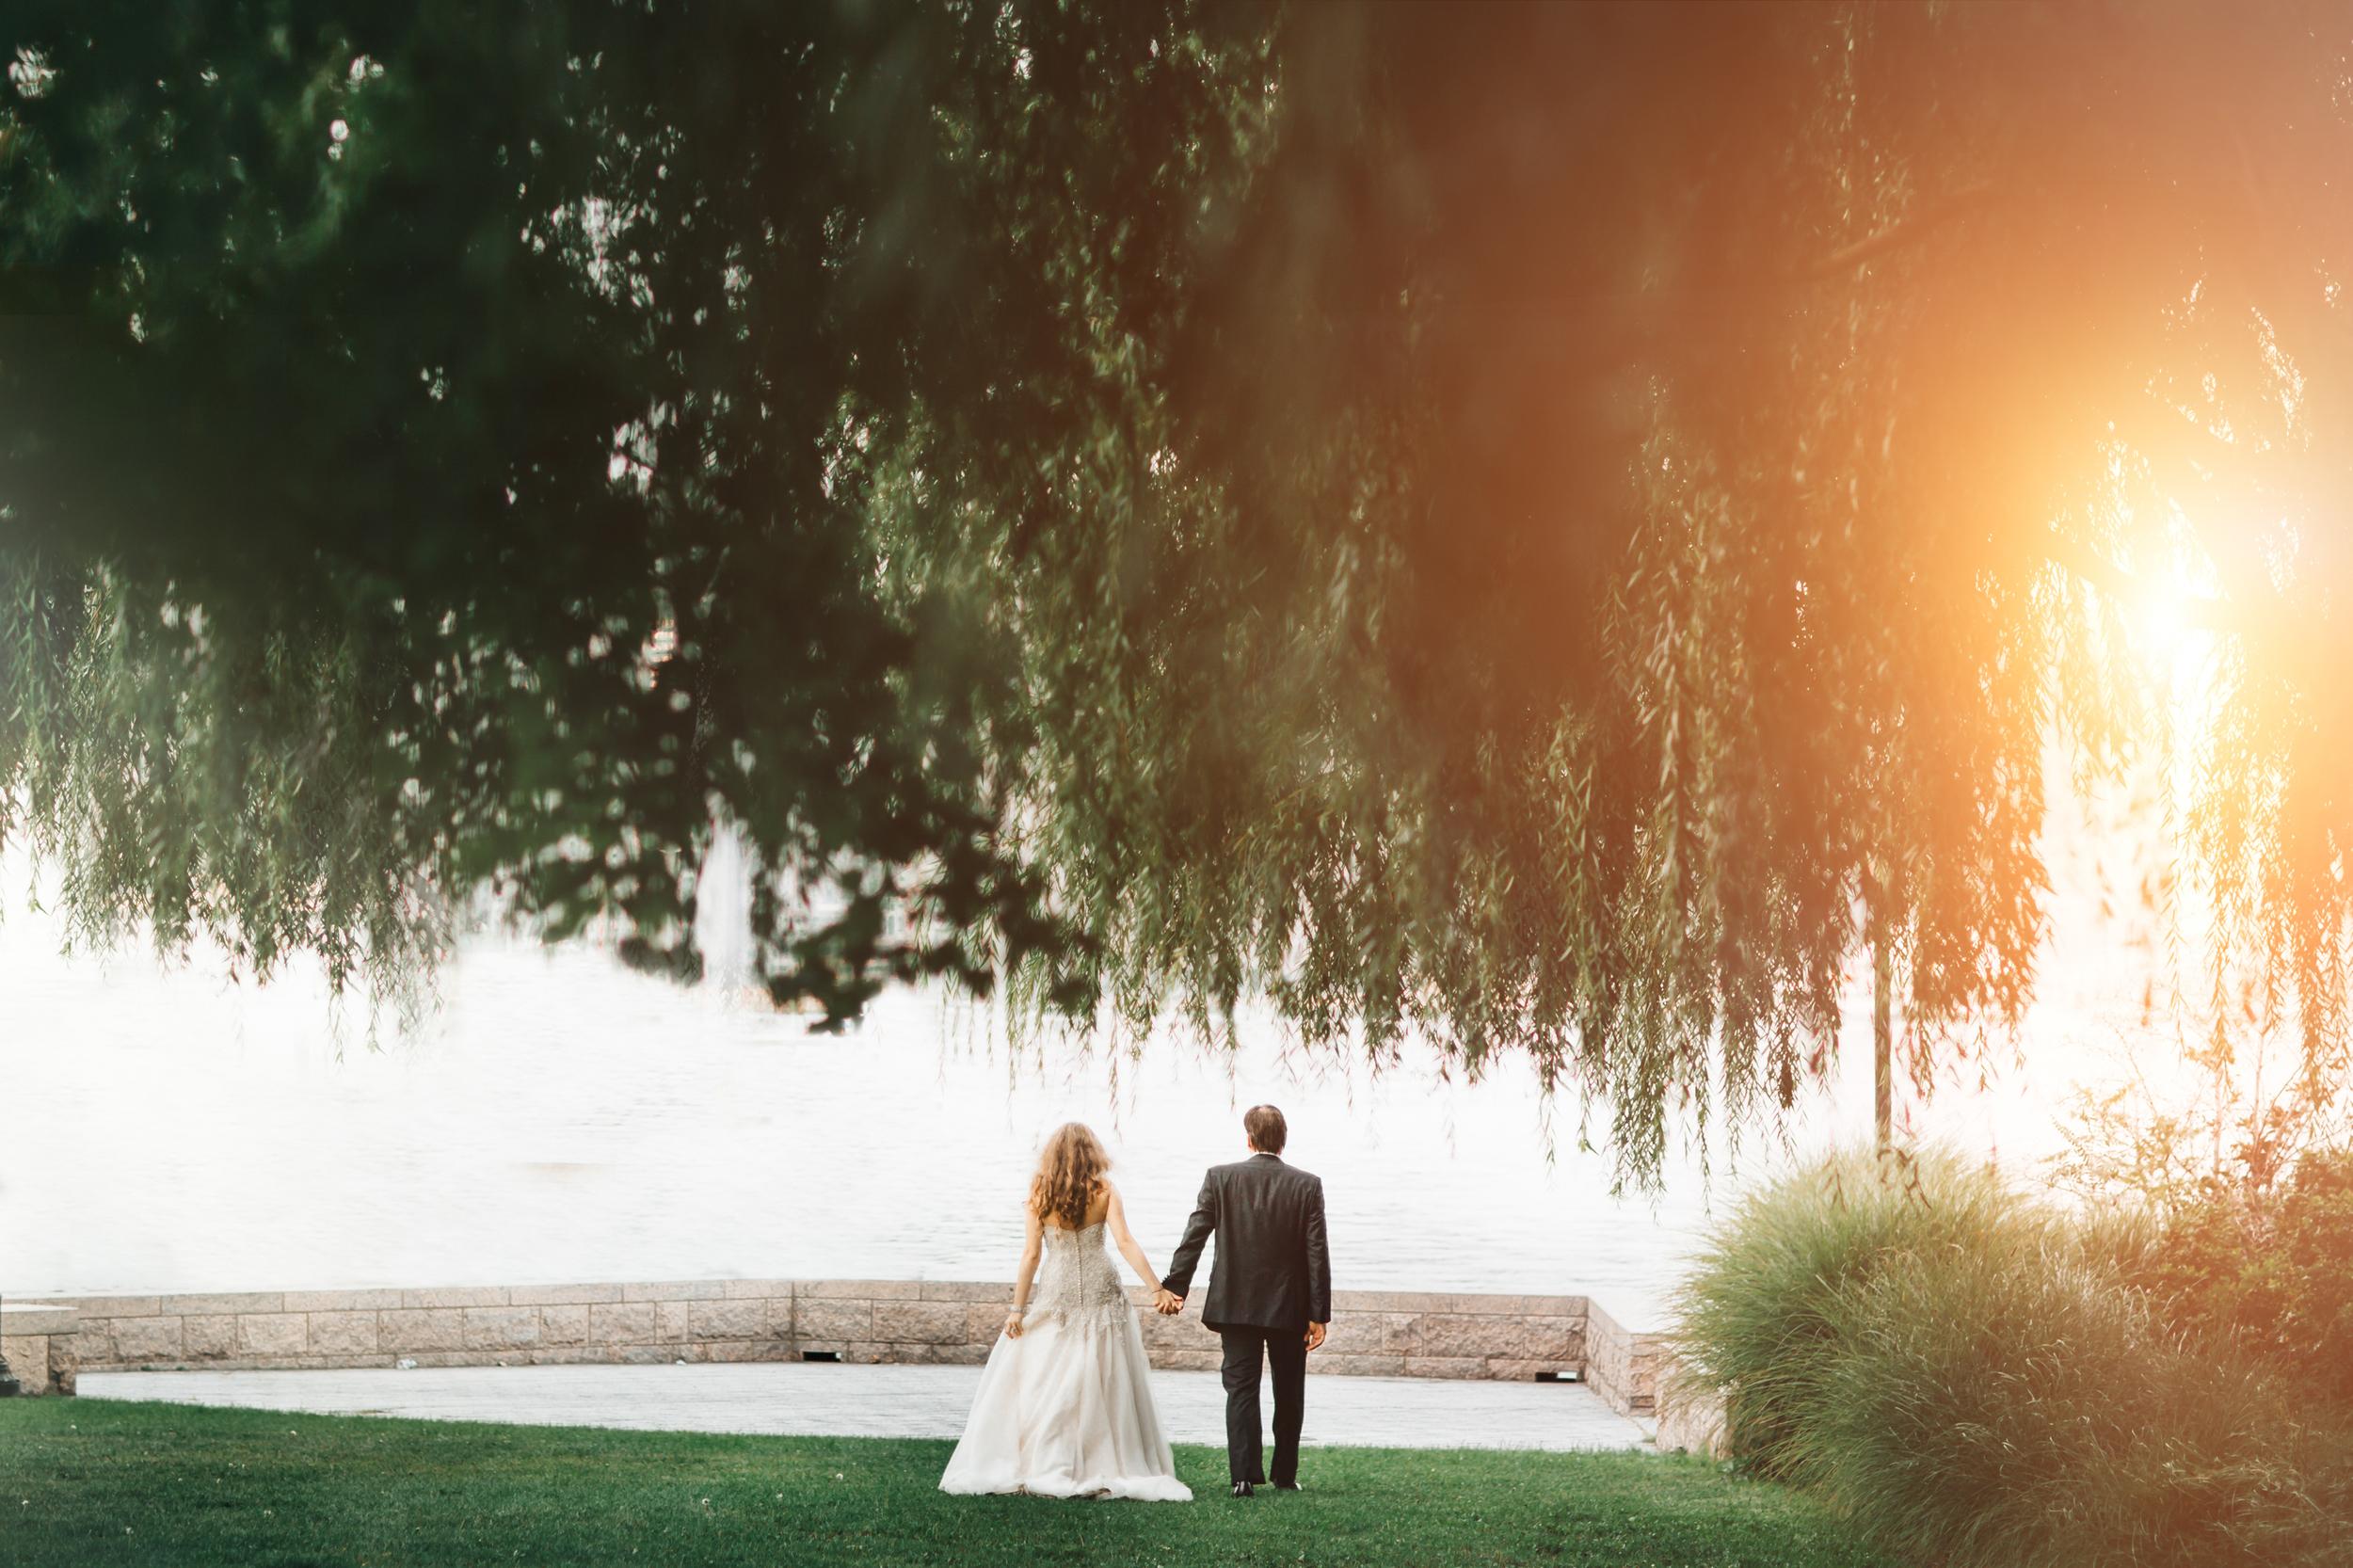 New York Wedding Photographer Boris Zaretsky Boris_Zaretsky_Photography__B2C6317-Edit copy.jpg